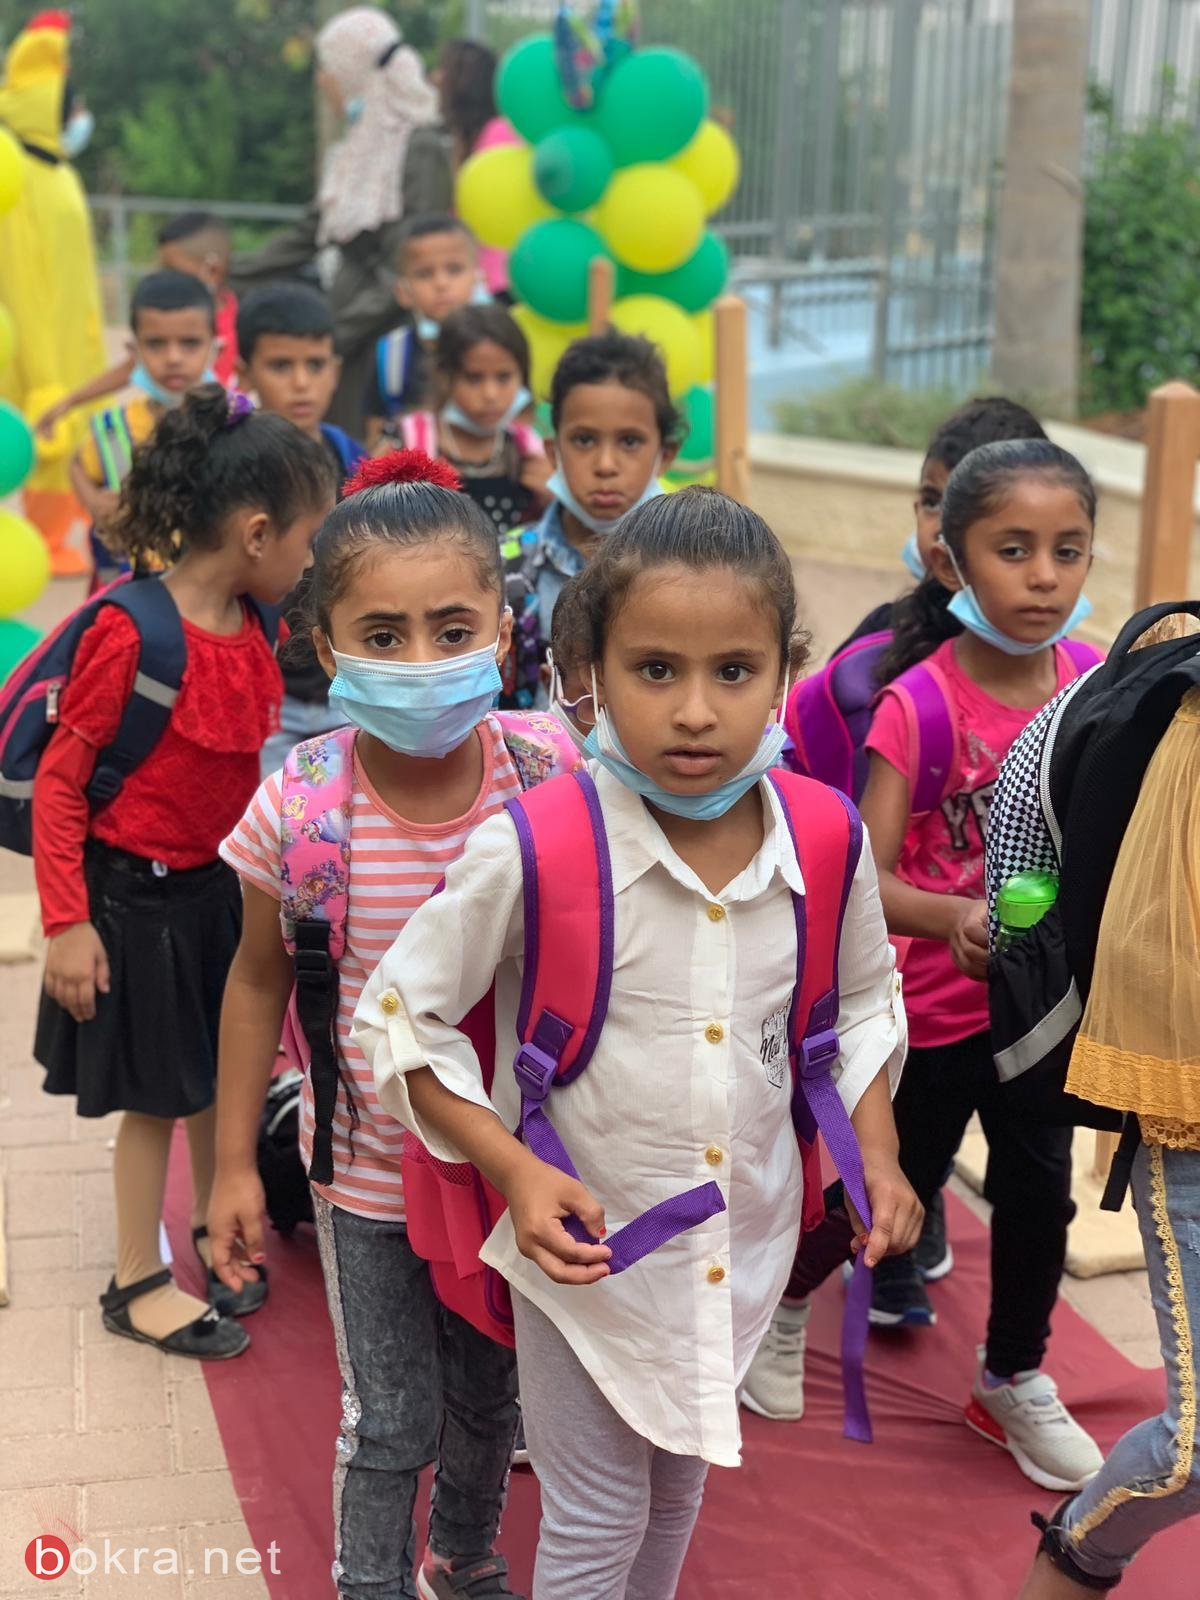 مدارس النقب باستثناء اللقية تفتتح العام الدراسي .. إقبال جيد وإشكالات في بعض القرى